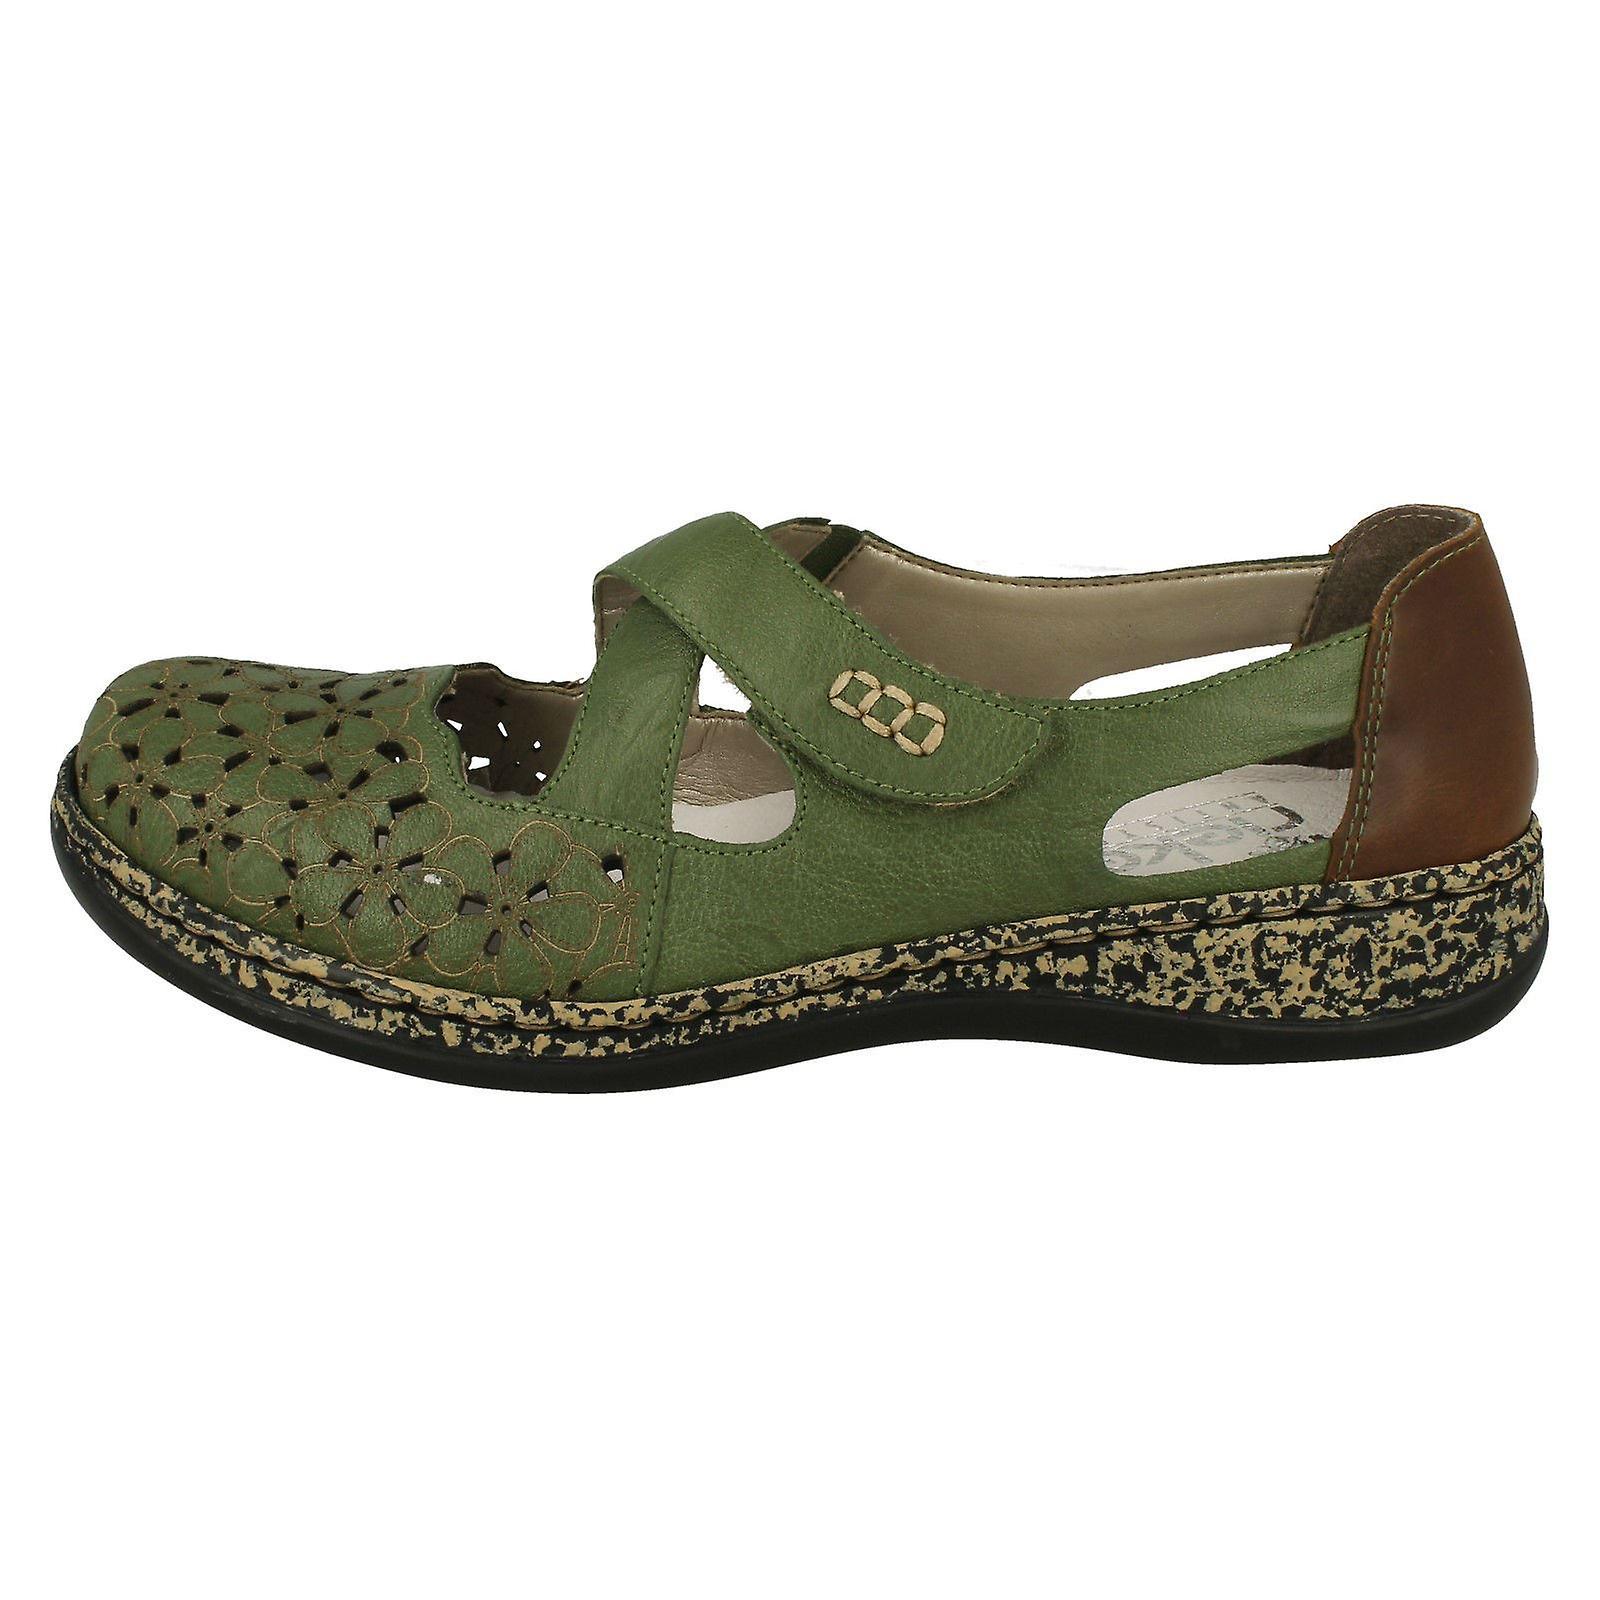 Mesdames Rieker Casual Flat Shoes 463H 4 - Remise particulière